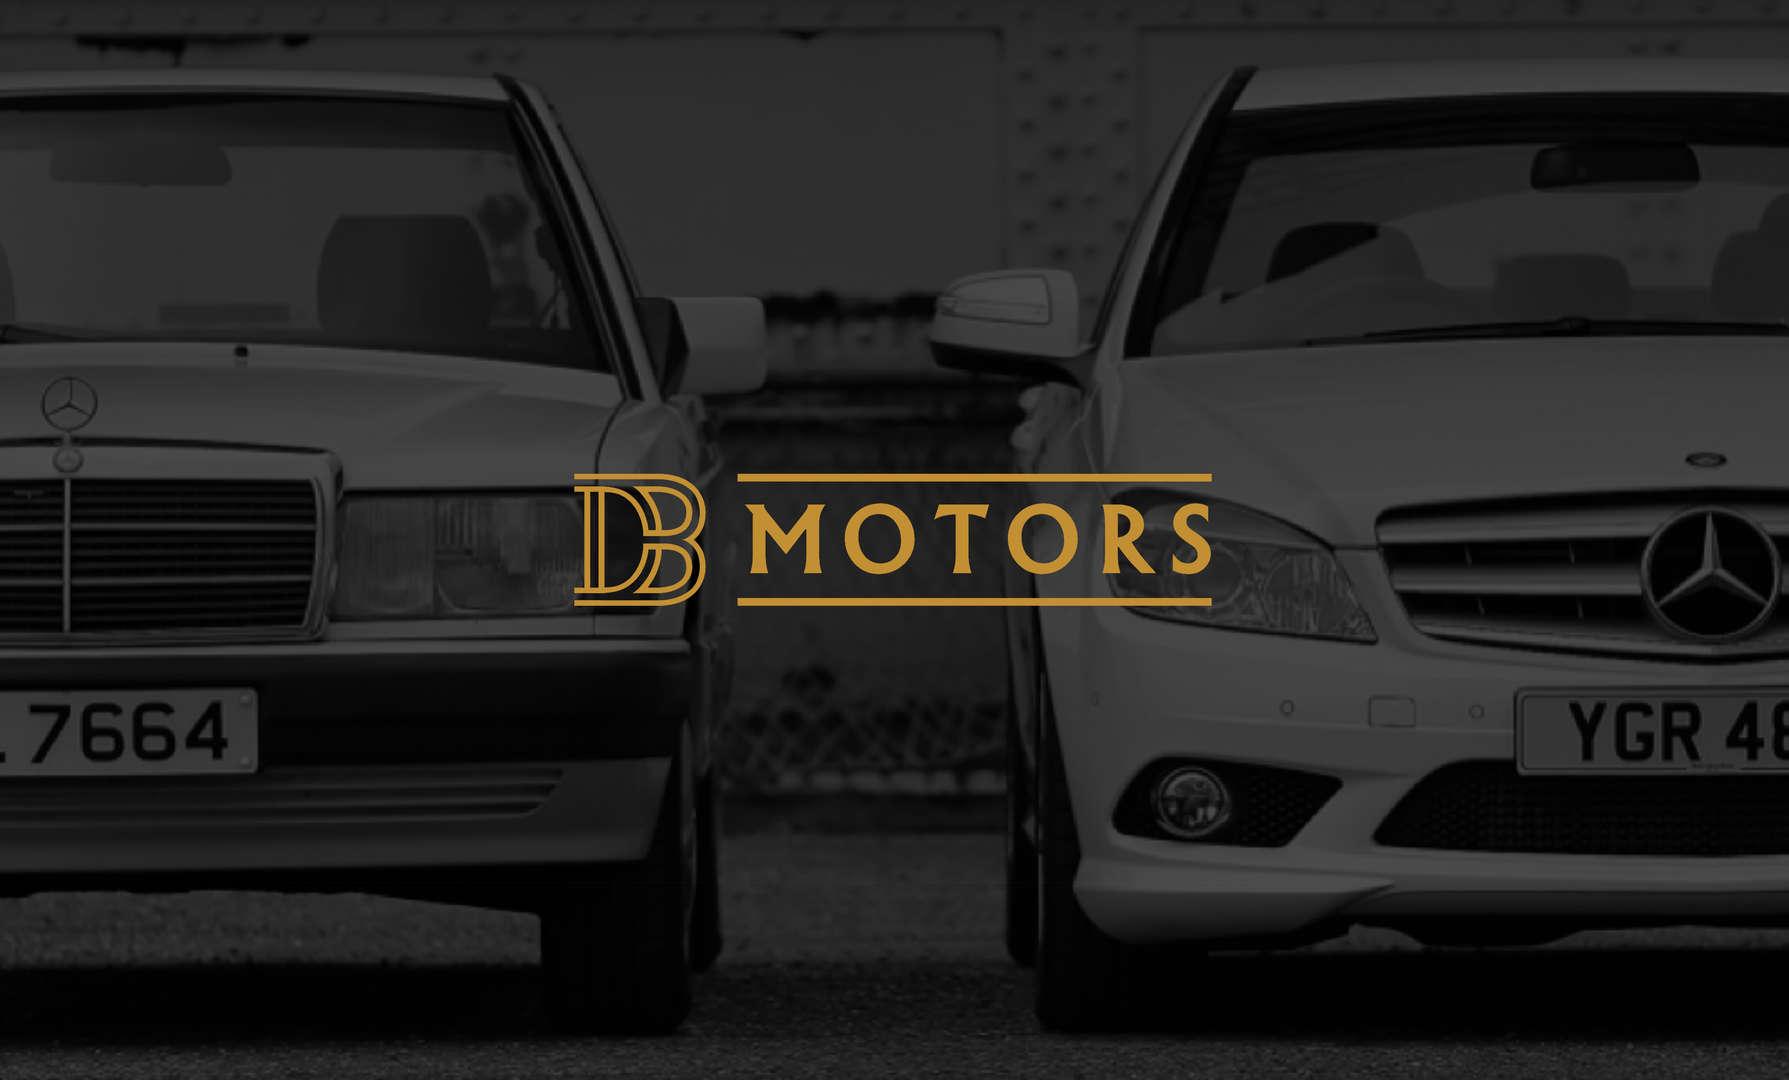 DB Motors Graphic Design